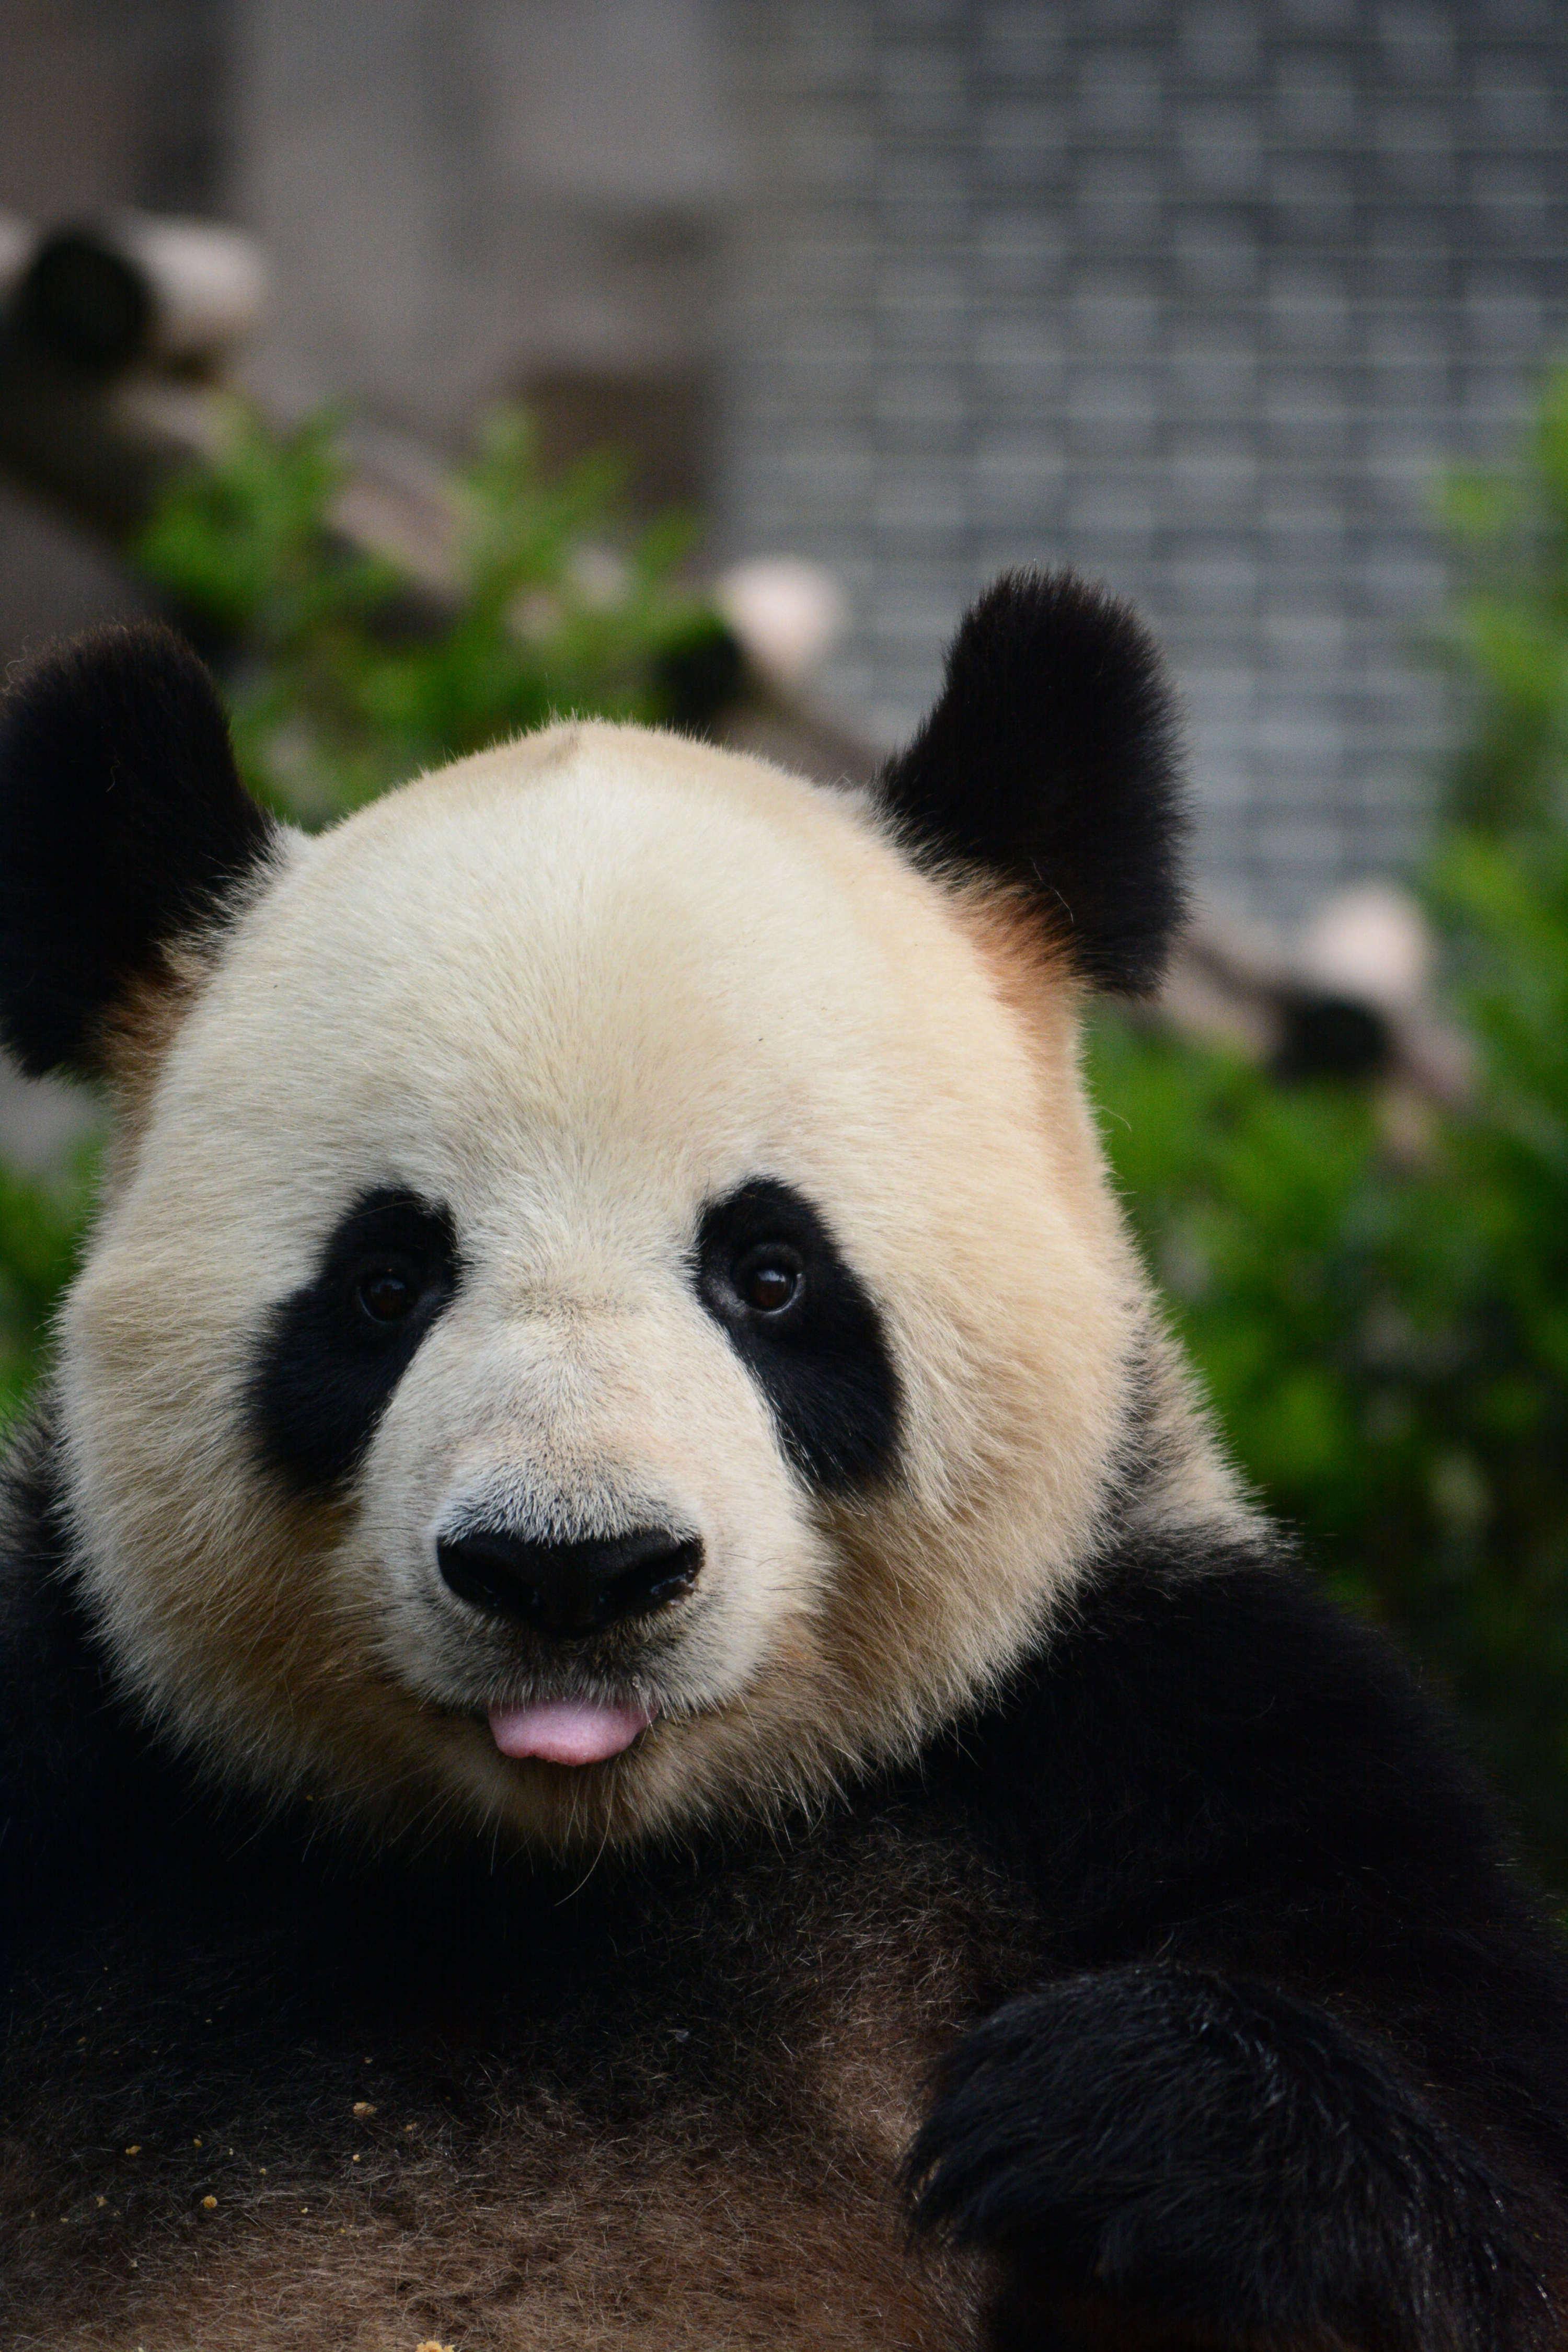 印象成都之萌萌哒大熊猫